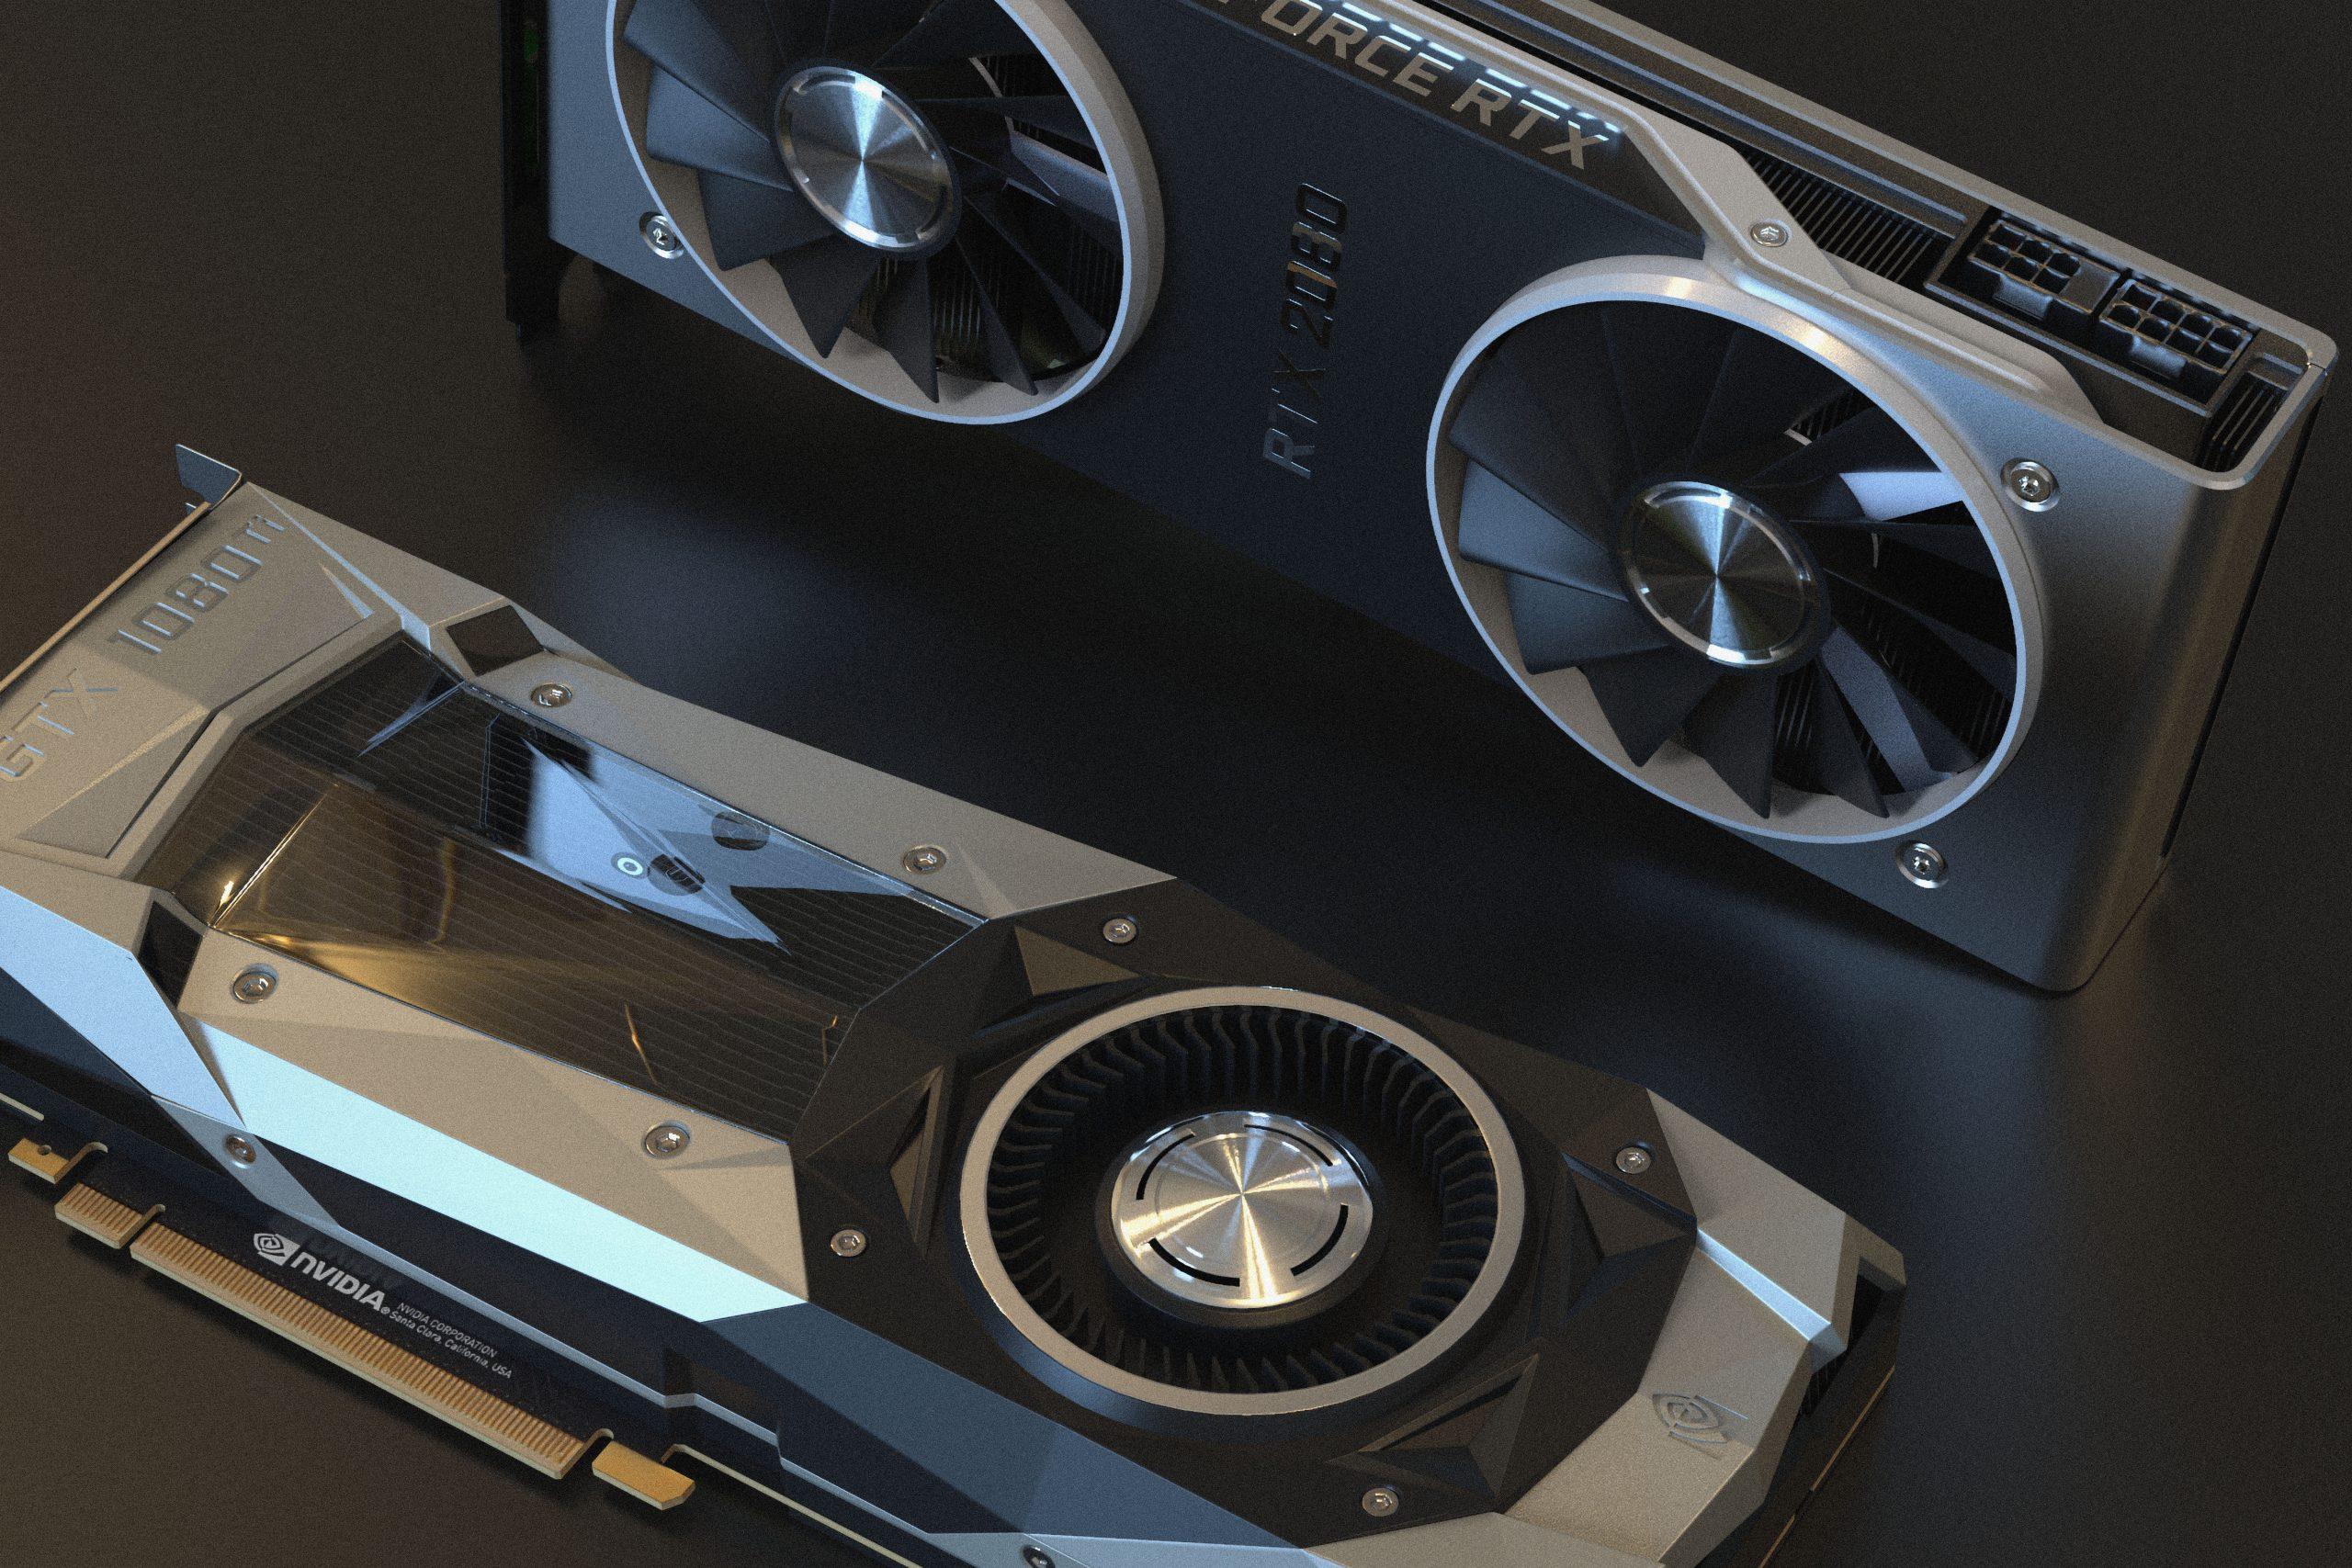 Imagem mostra duas placas de vídeo em destaque.